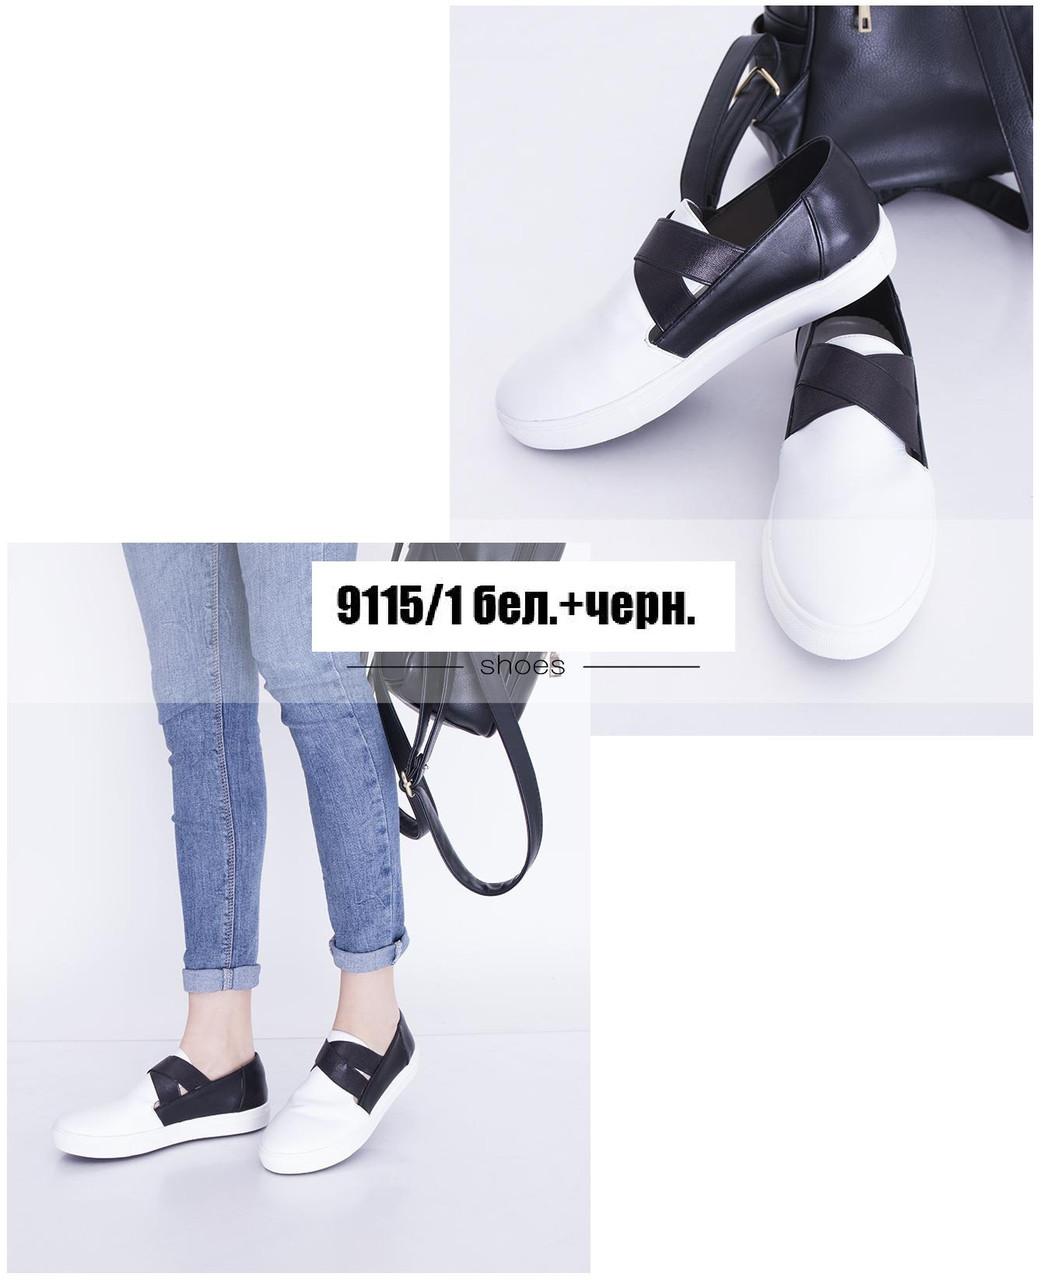 Туфли юр9115-1